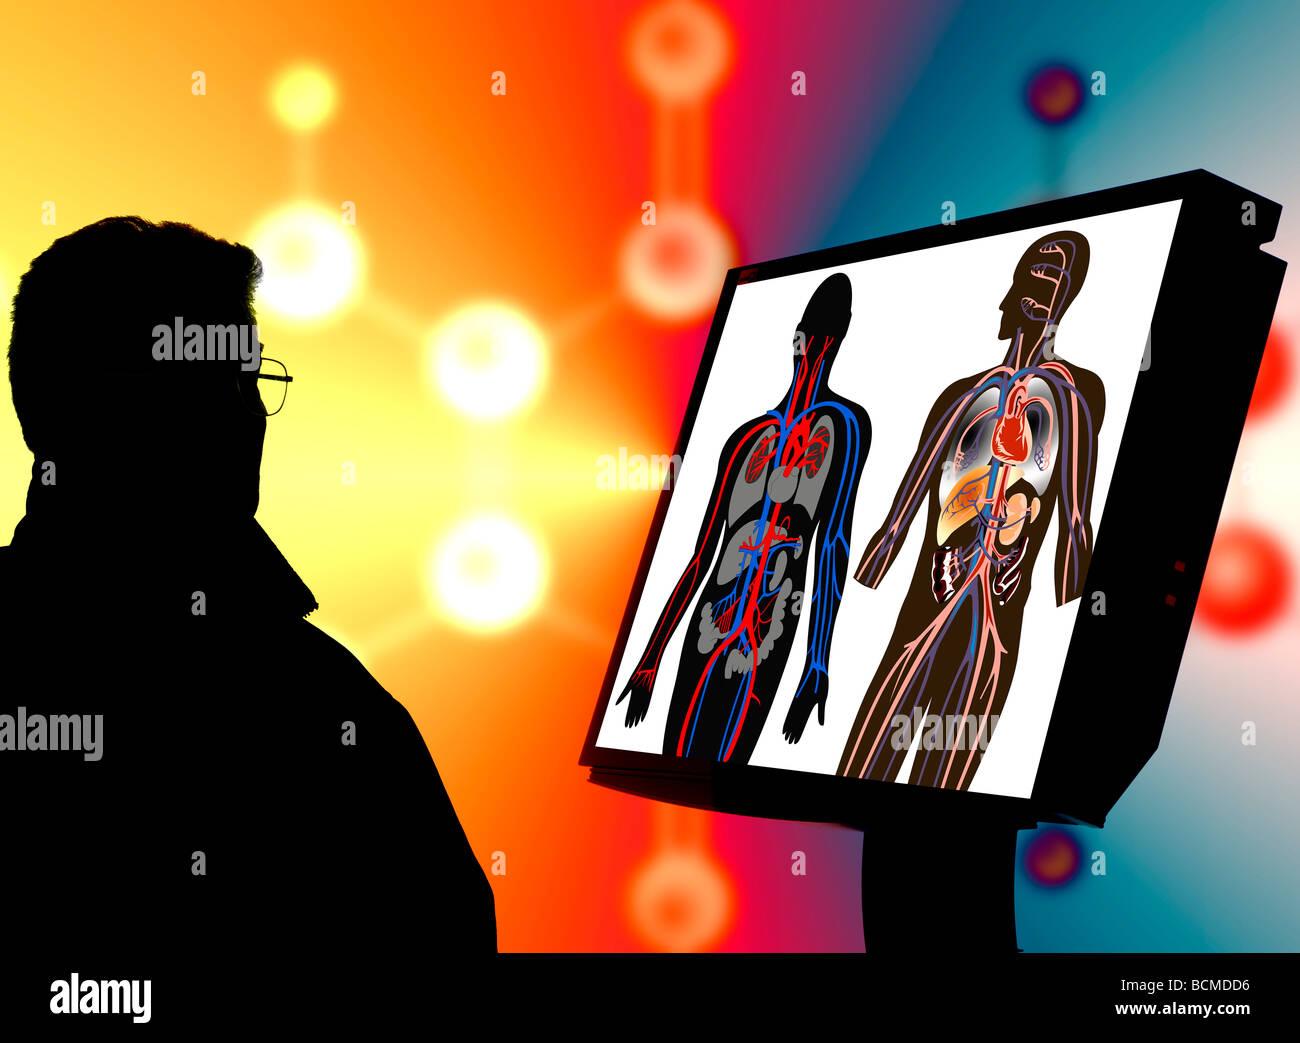 Dottore di ricerca controllo flusso arterioso illustrazioni sul monitor del computer Immagini Stock